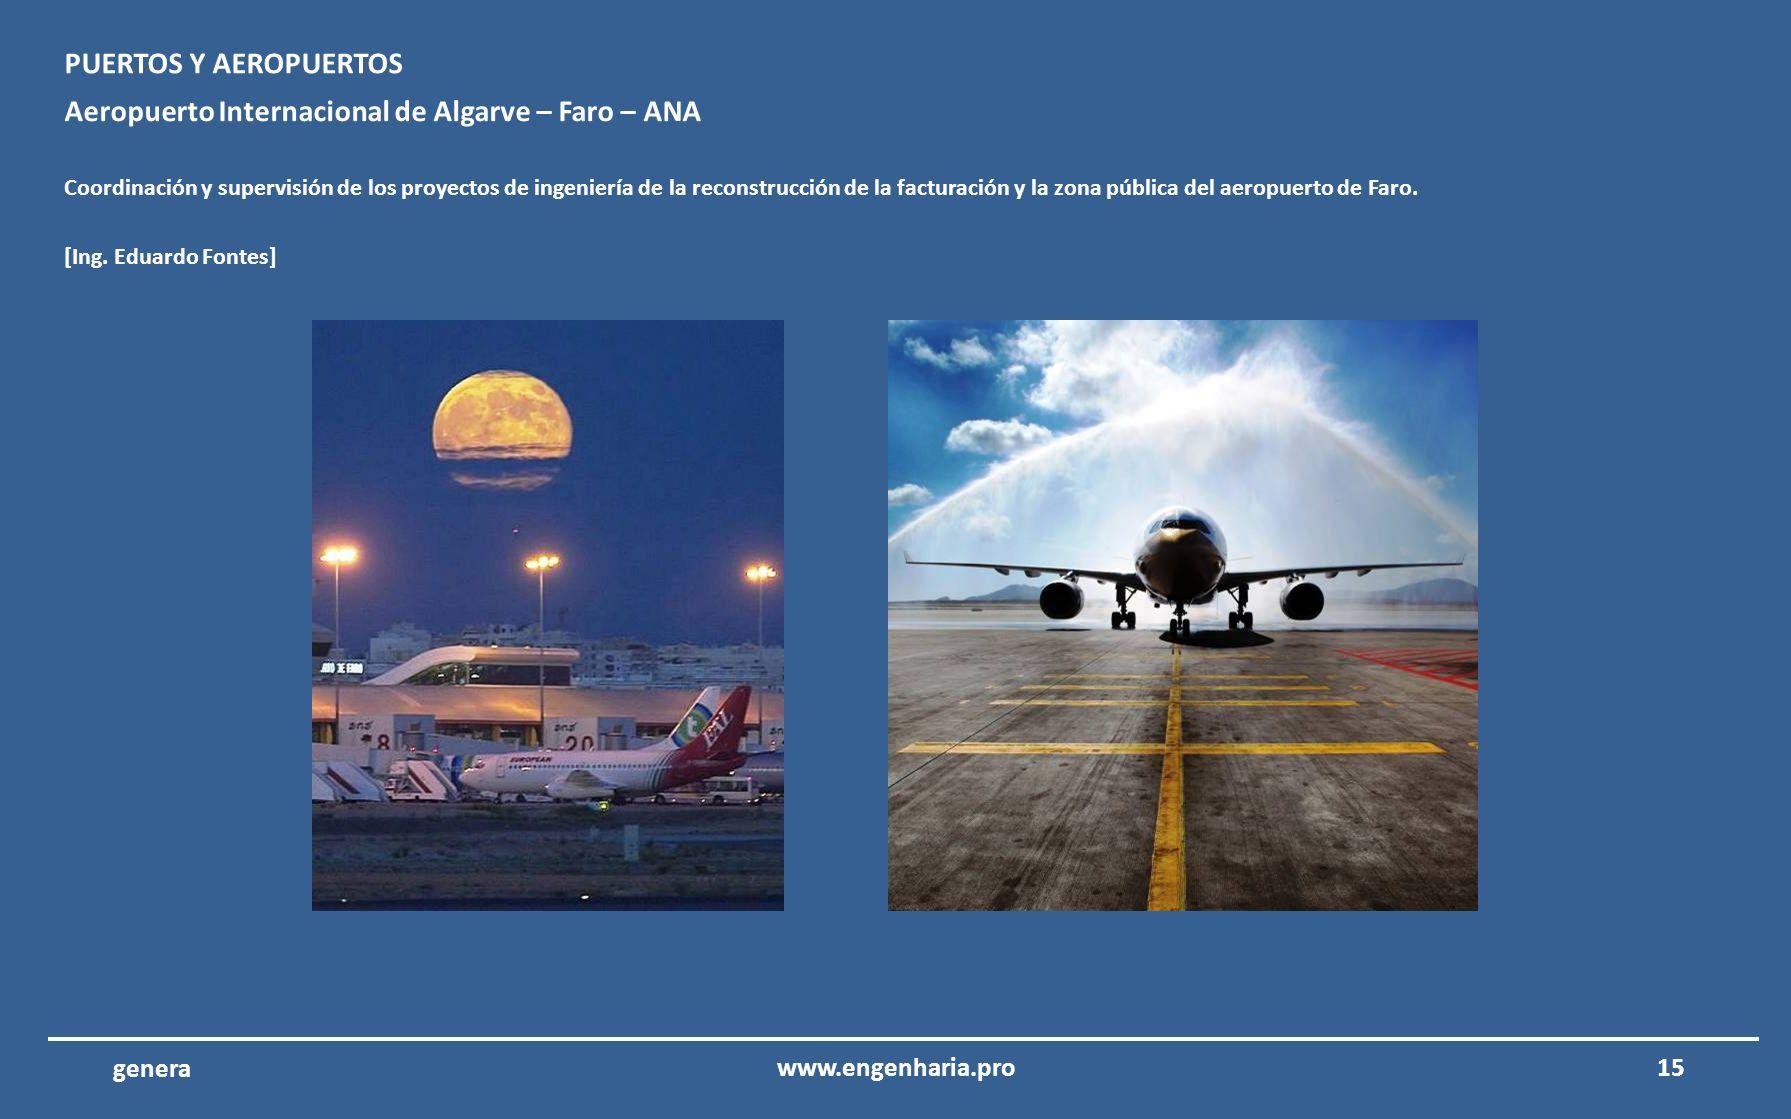 Aeropuerto Internacional de Algarve – Faro – ANA